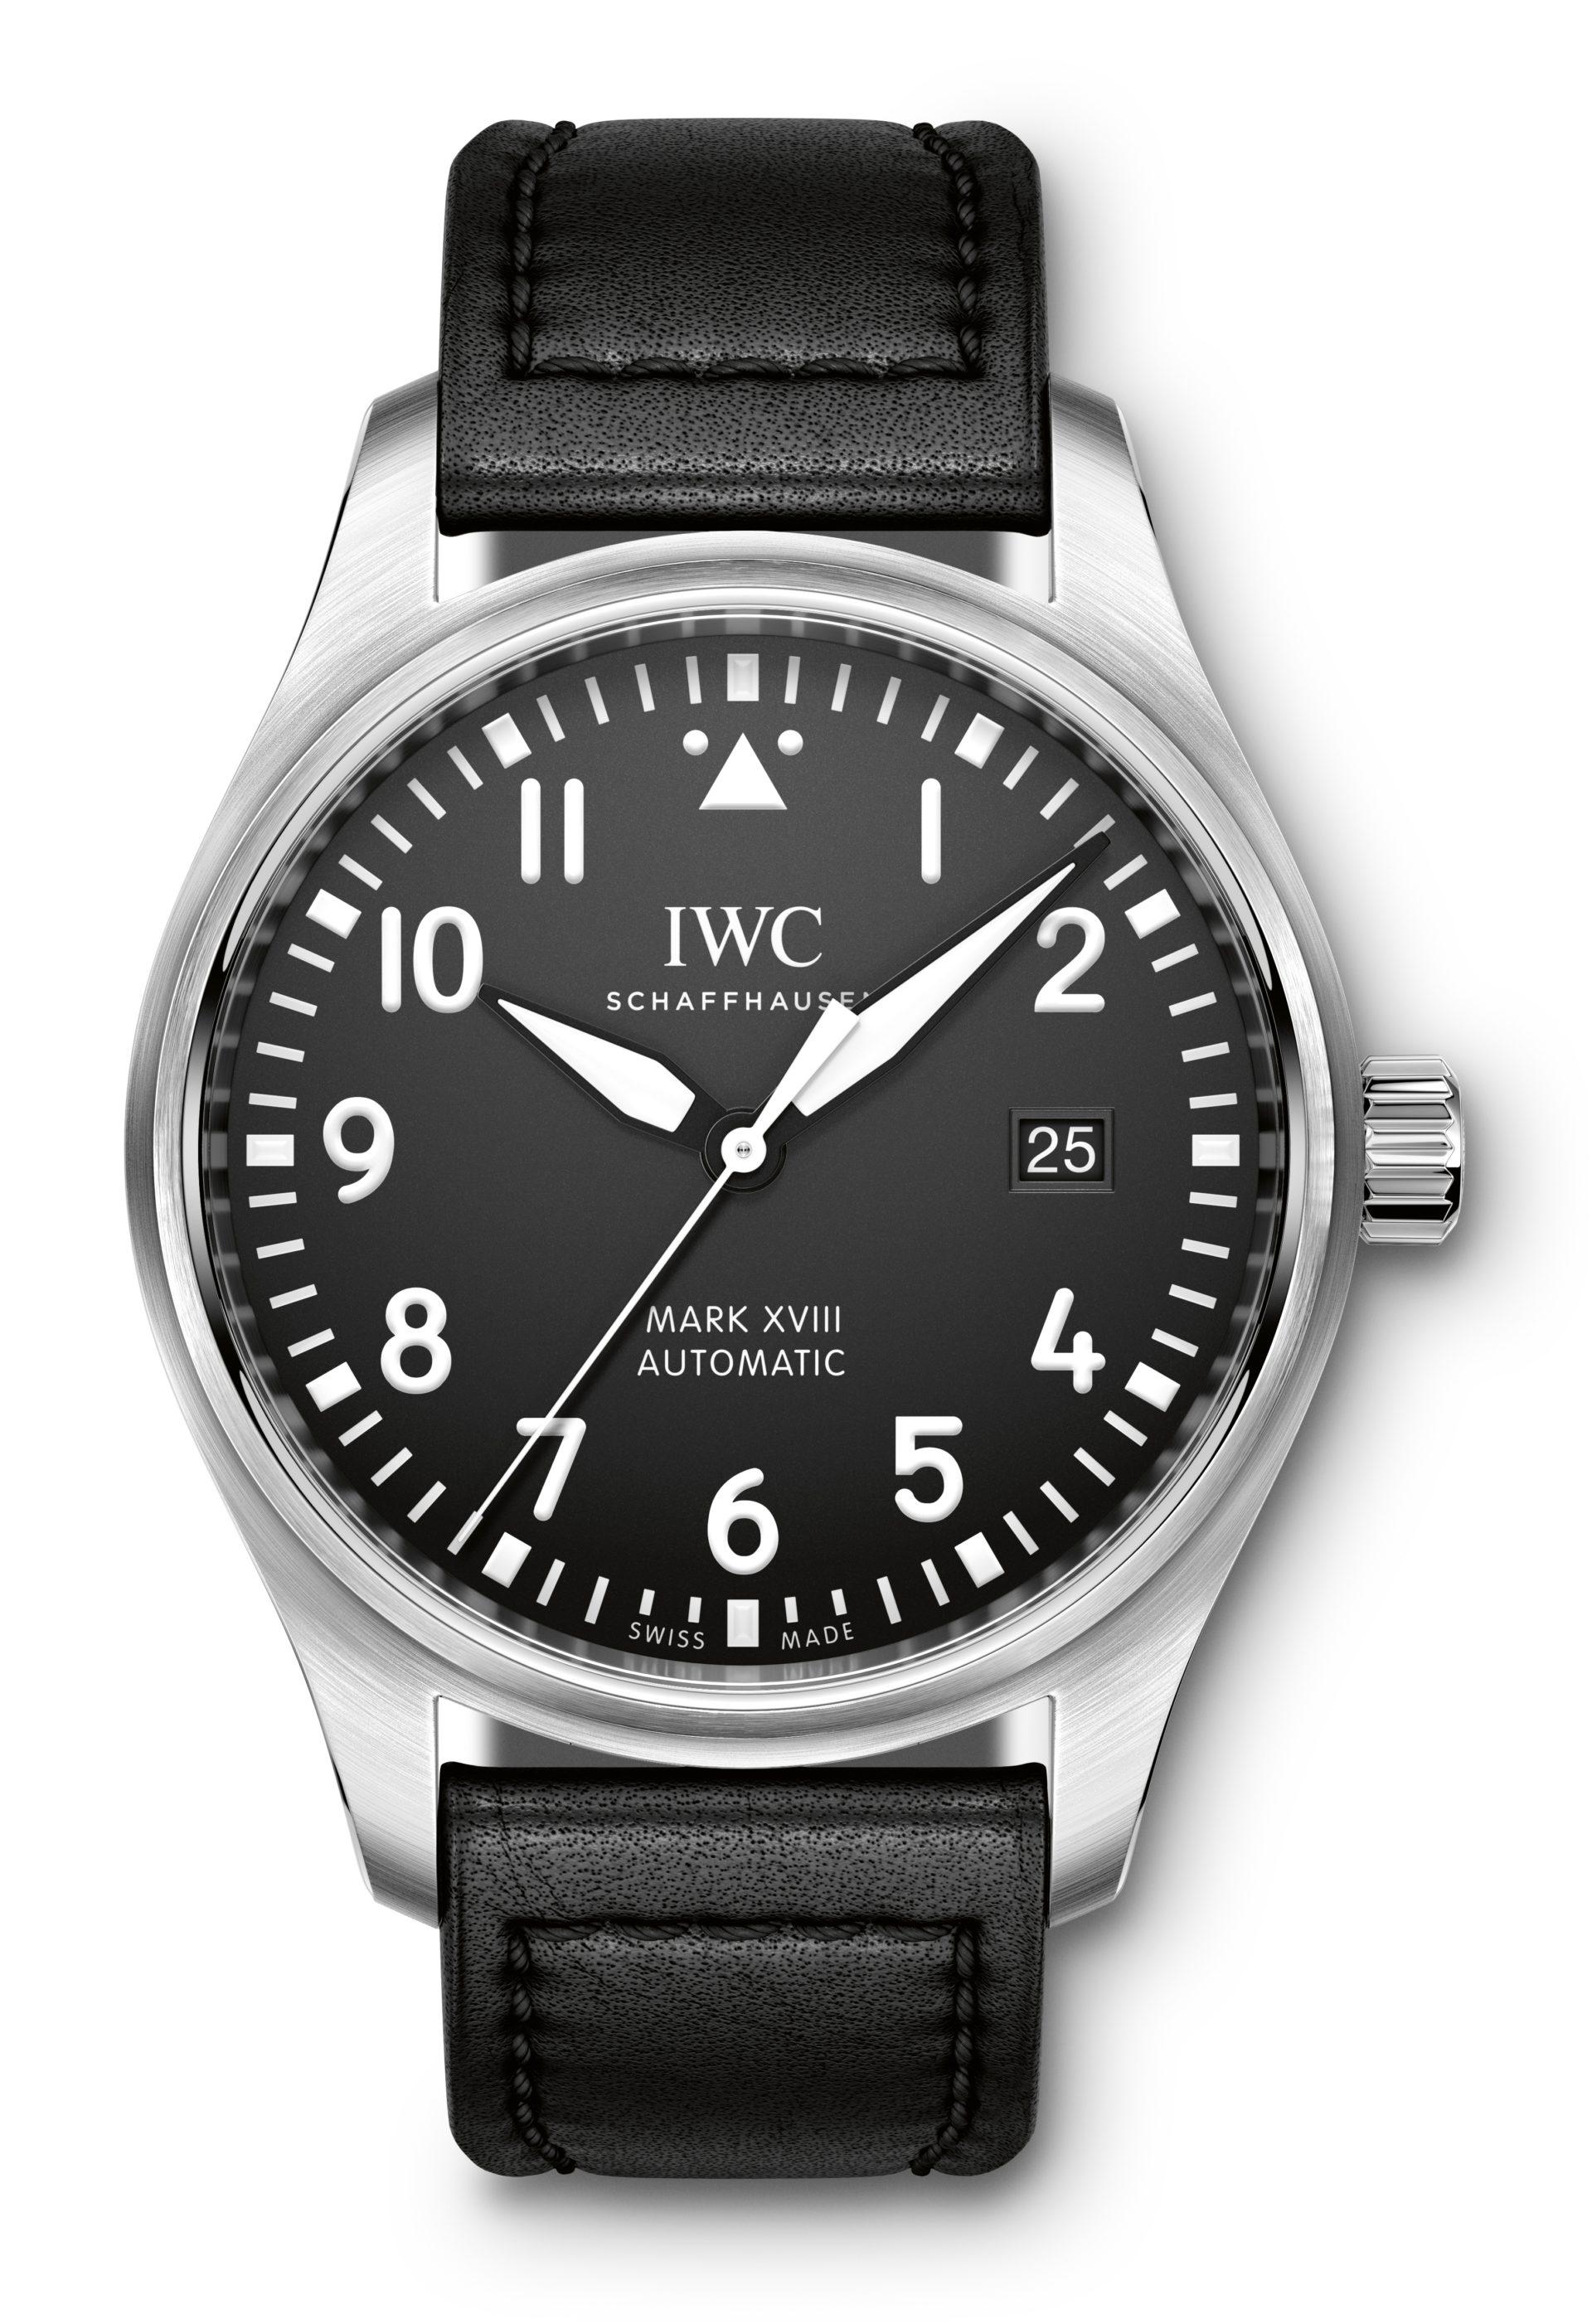 Die Mark XVIII Automatic aus dem aktuellen Programm von IWC